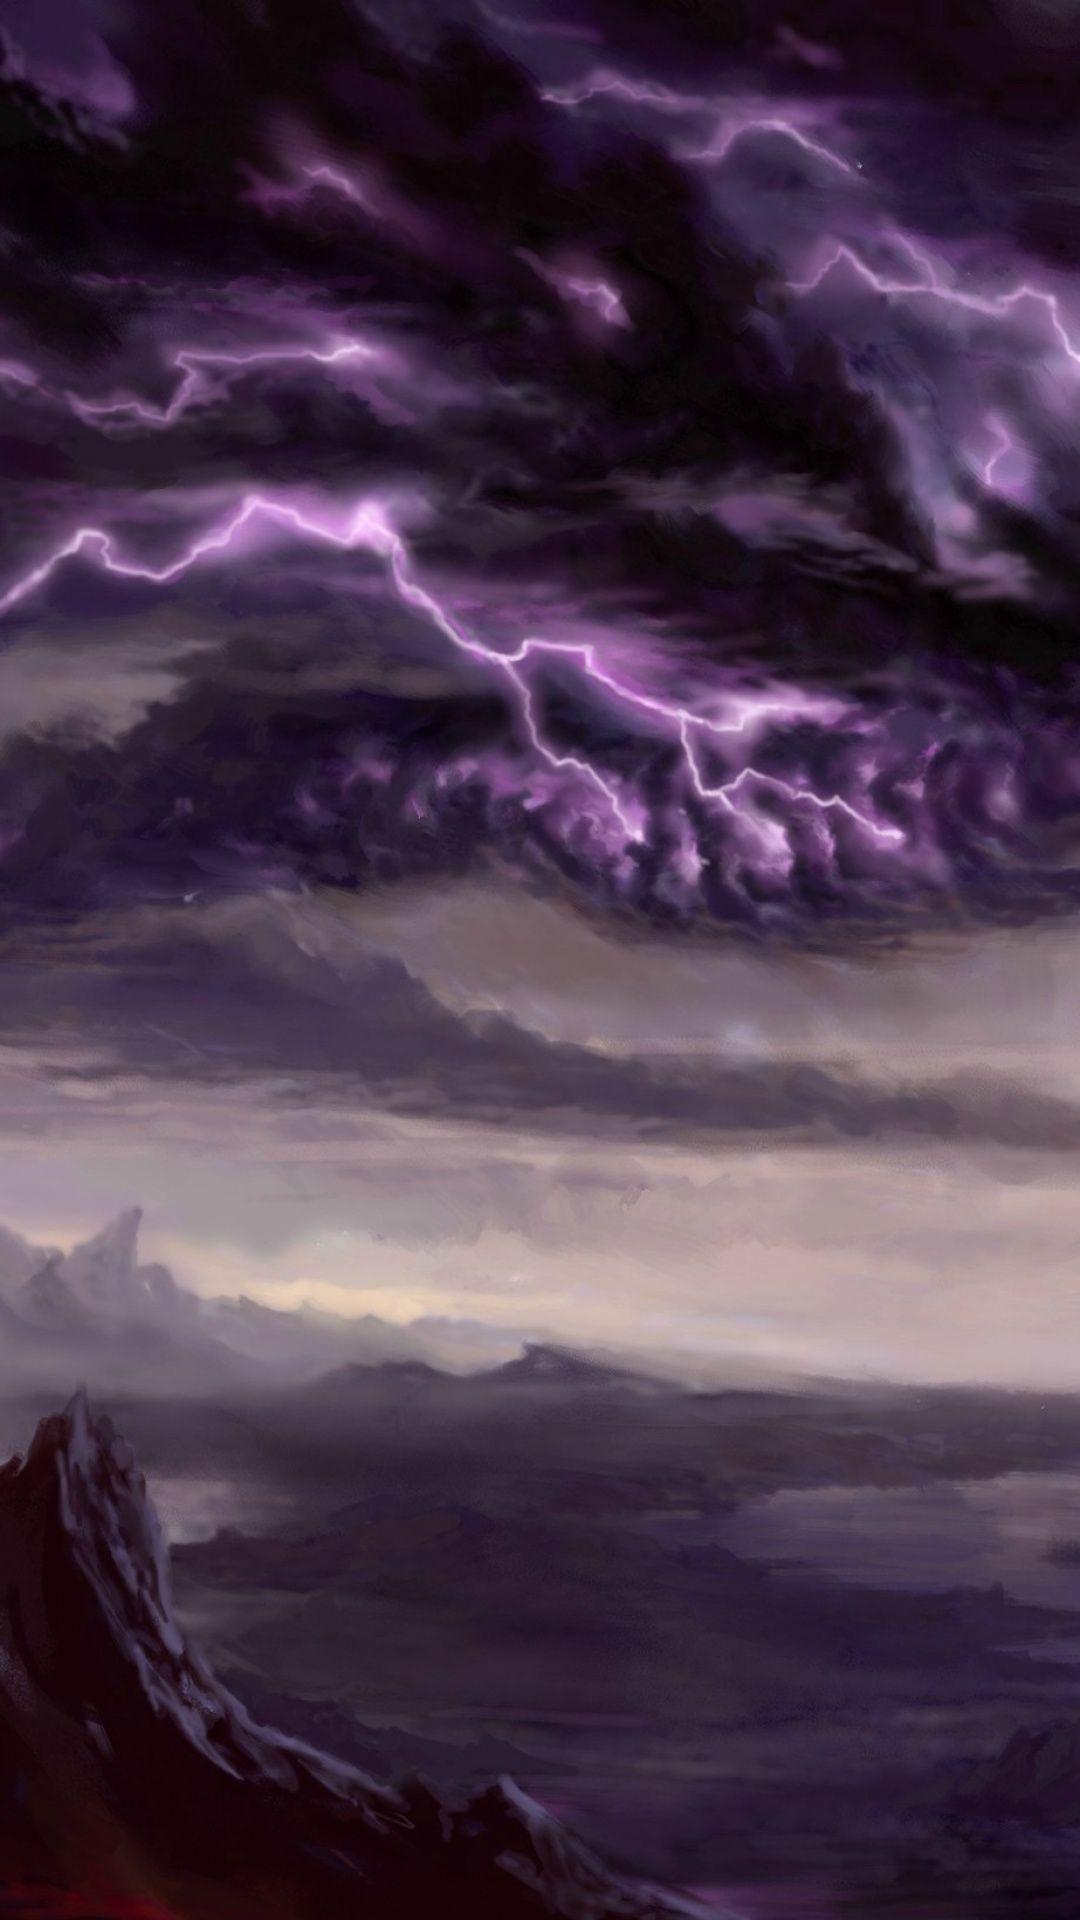 Lightning Dragon Wallpaper Android imagens)